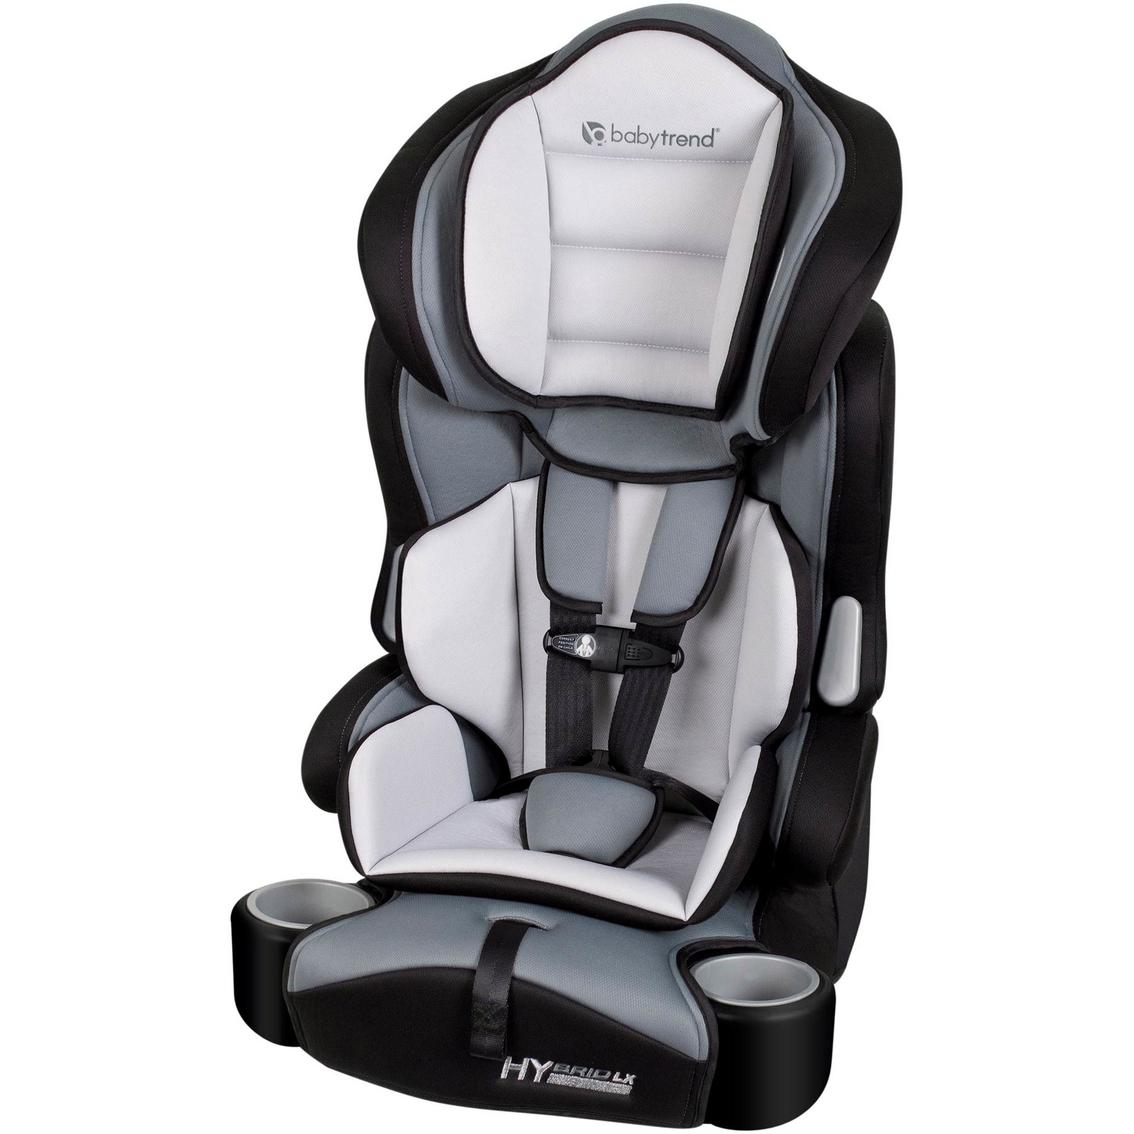 Baby Trend Hybrid LX 3 1 Car Seat Luna